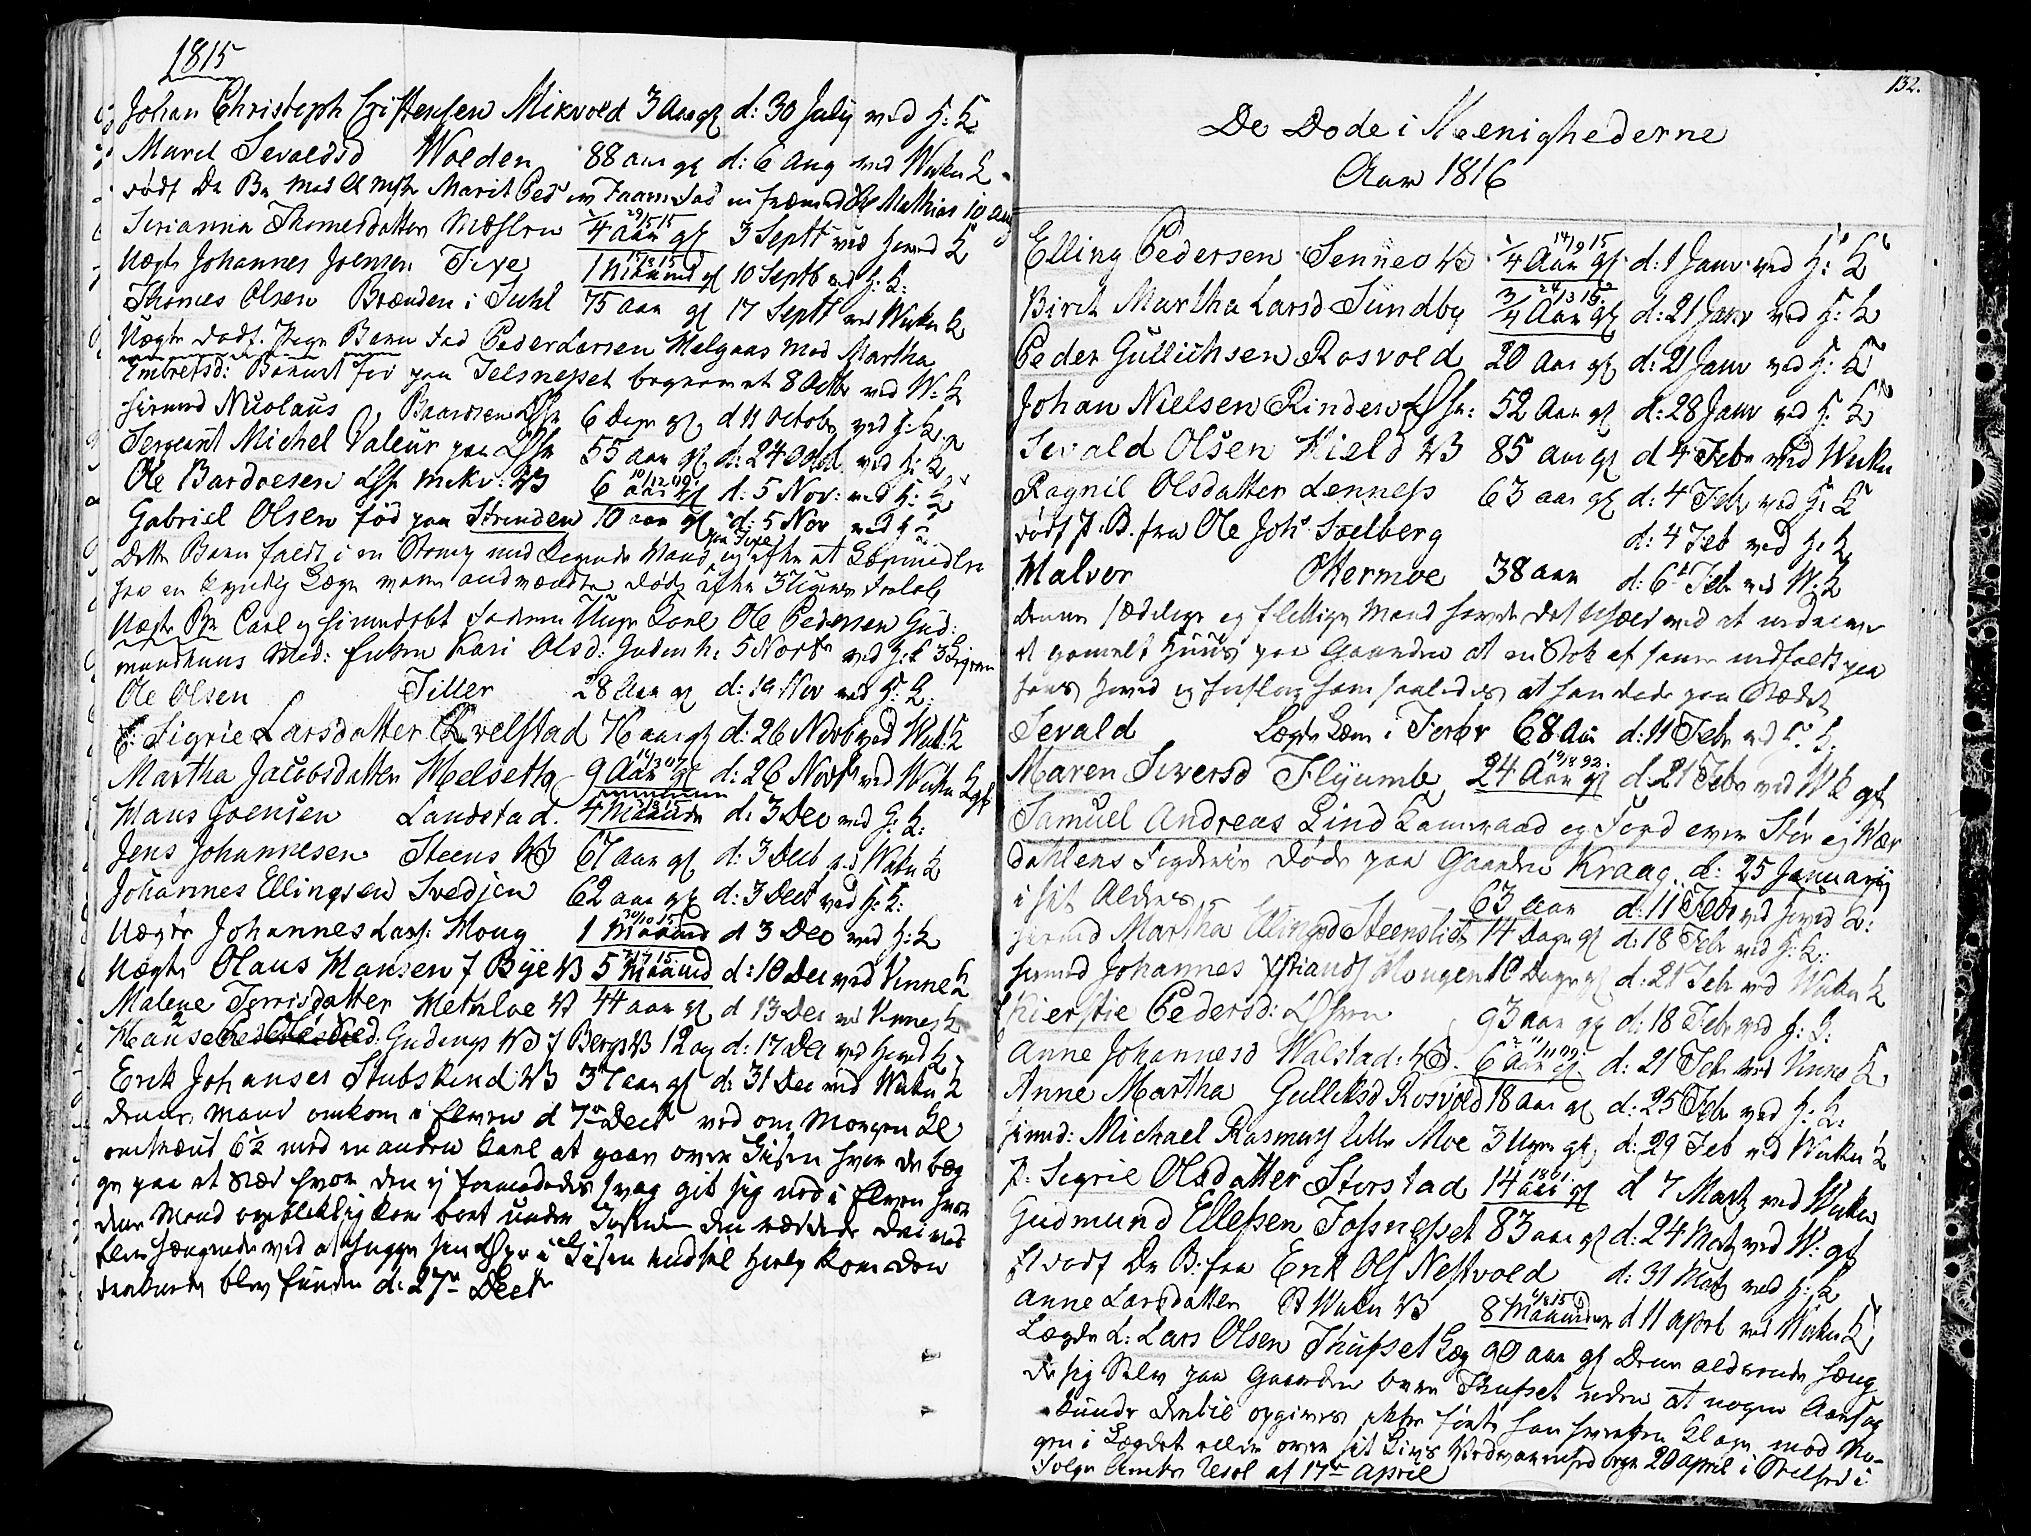 SAT, Ministerialprotokoller, klokkerbøker og fødselsregistre - Nord-Trøndelag, 723/L0233: Ministerialbok nr. 723A04, 1805-1816, s. 132